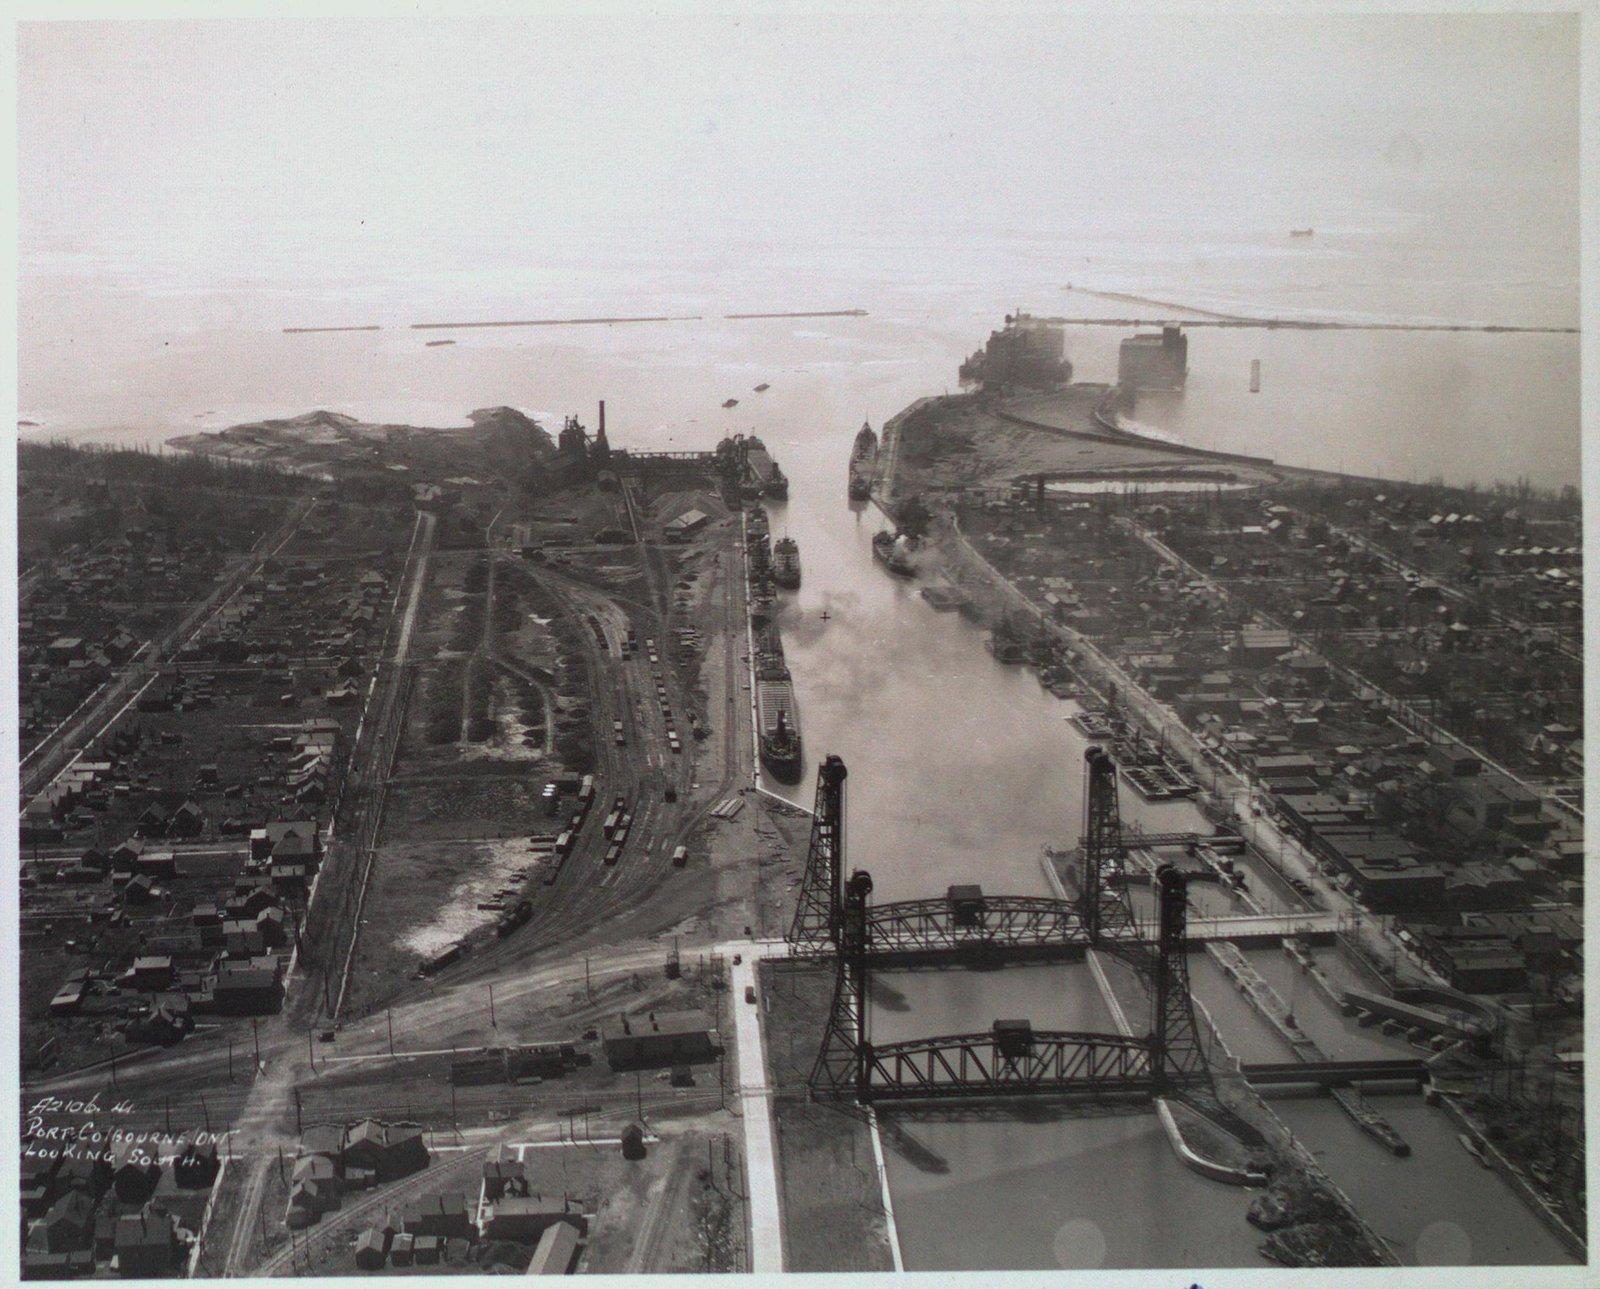 Bridges 20 & 21 and the Port Colborne Harbour